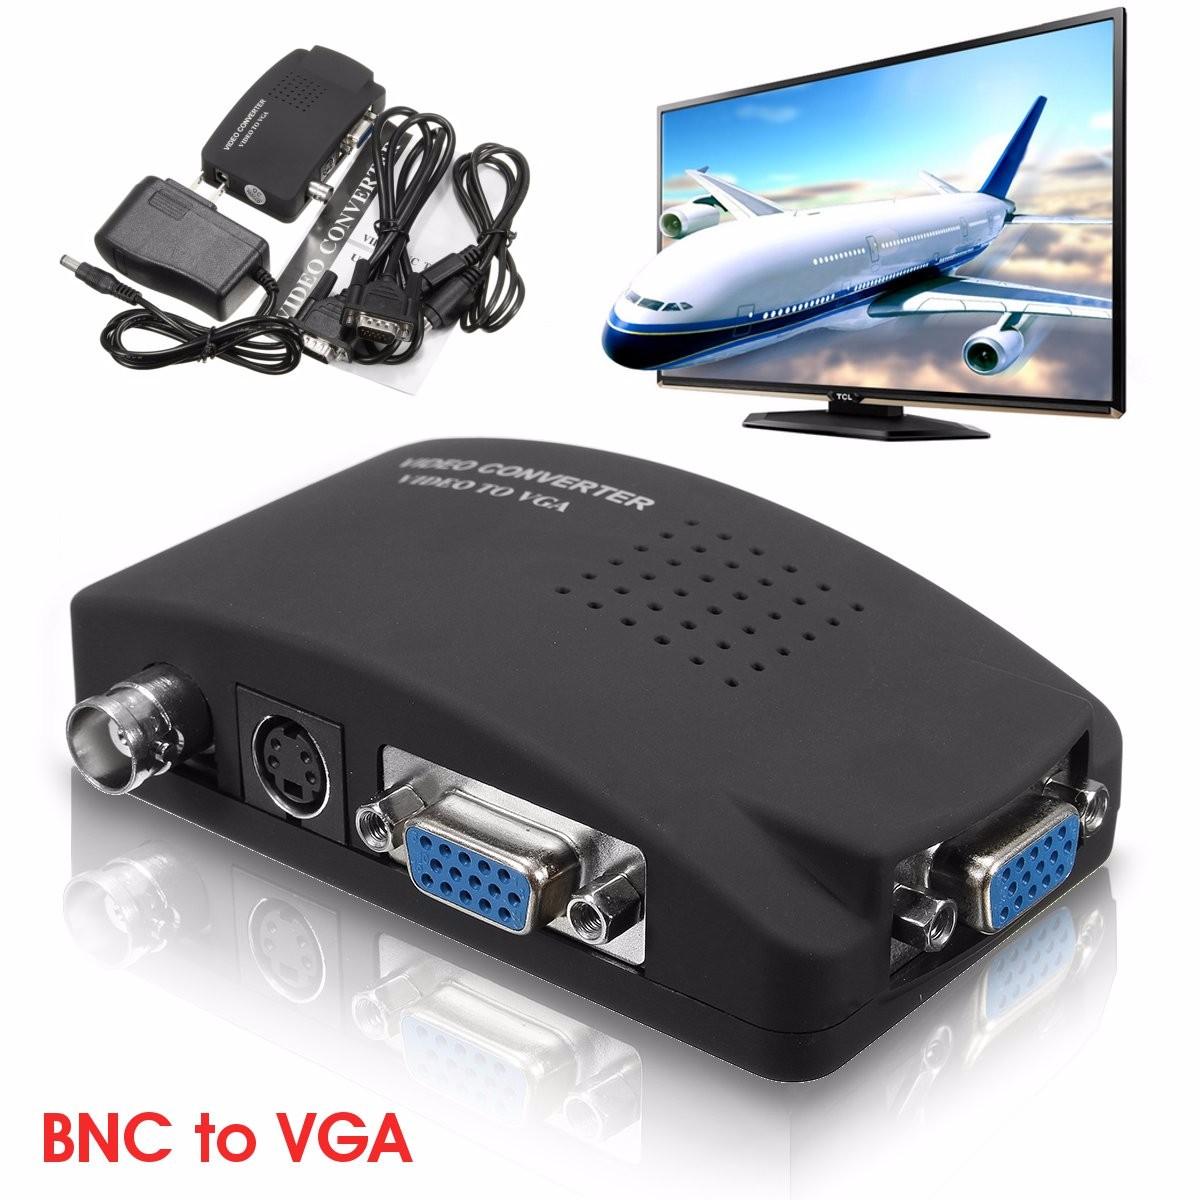 BNC S Video VGA to Laptop Computer PC VGA Monitor Converter Adapter Box 1080P